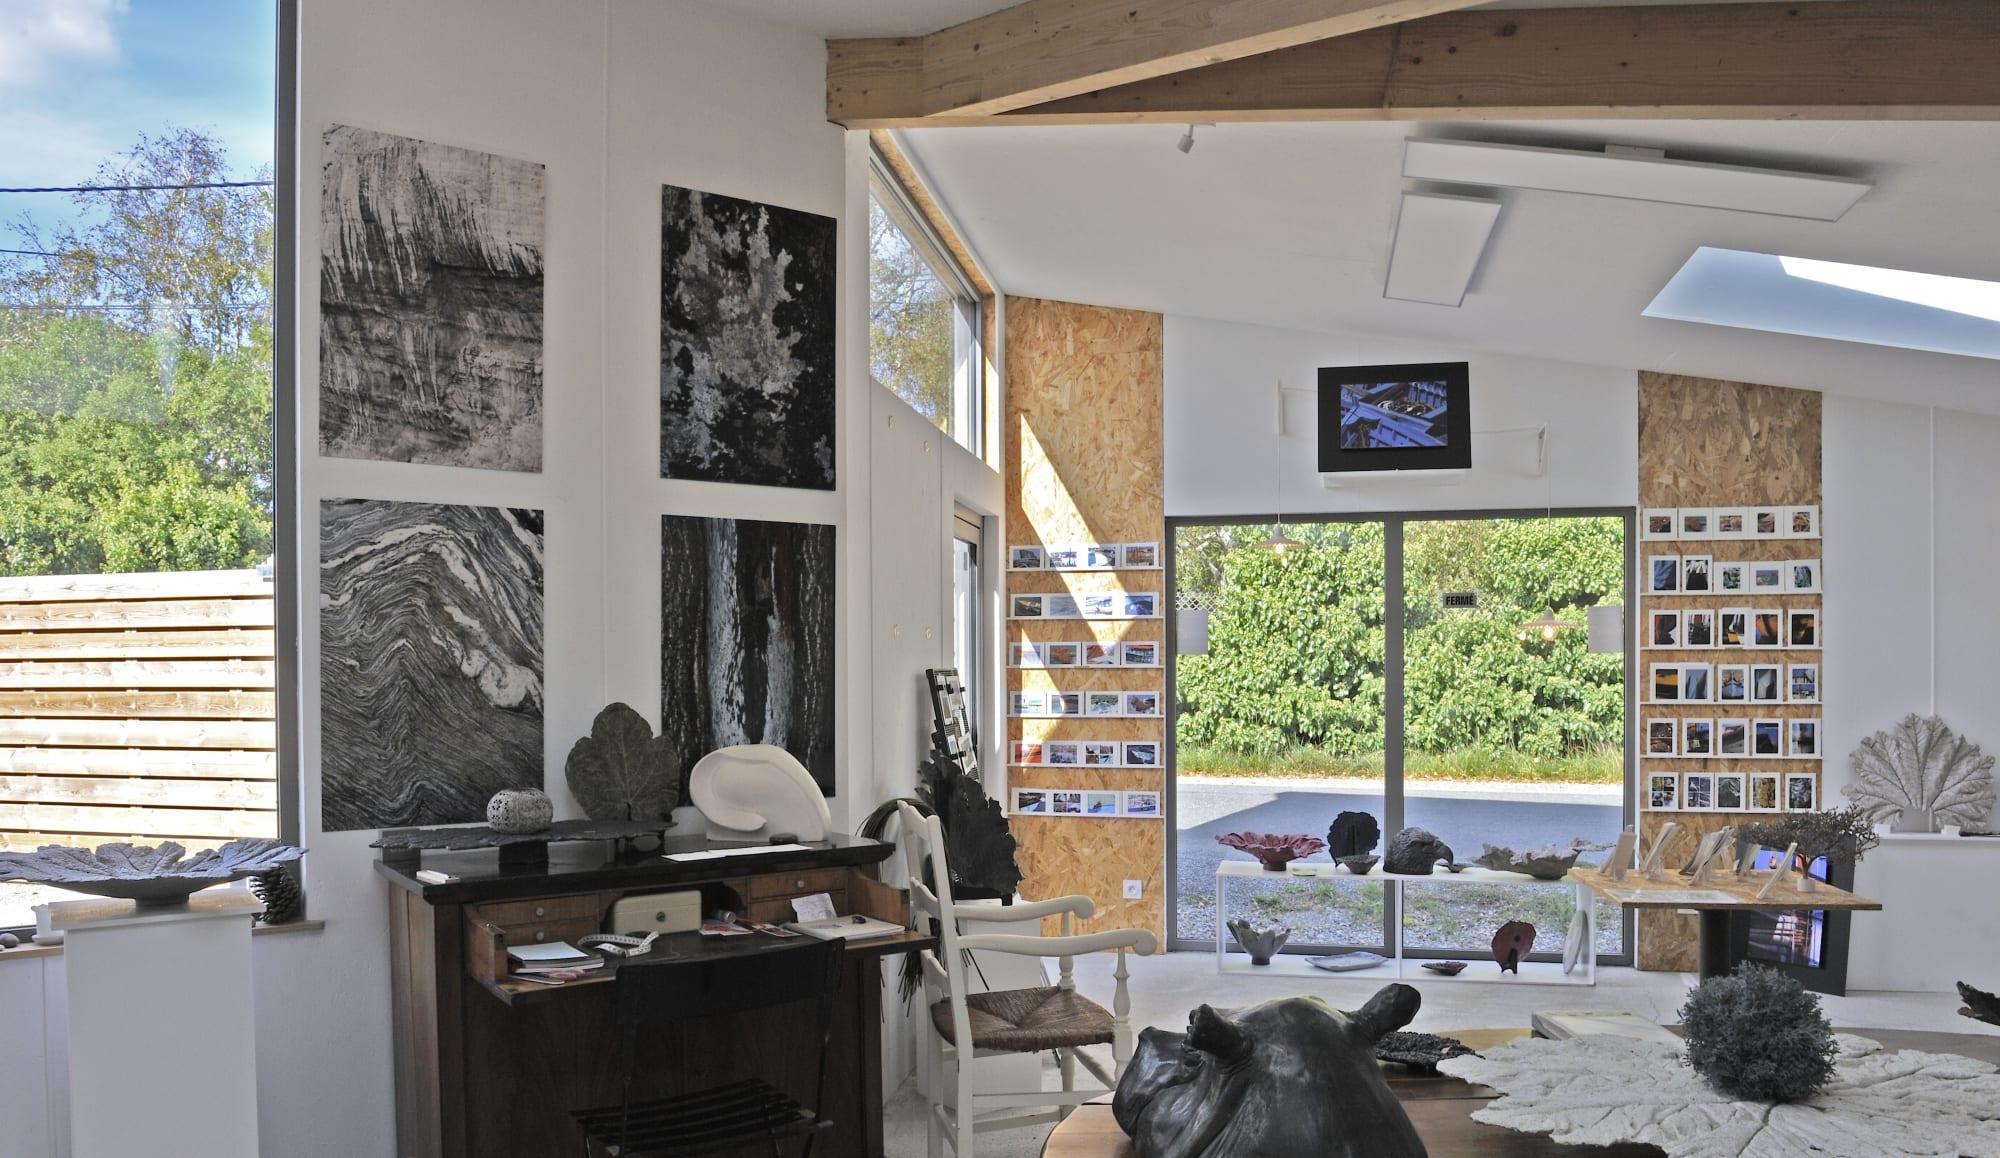 Galerie d'art à Sainte-Marine